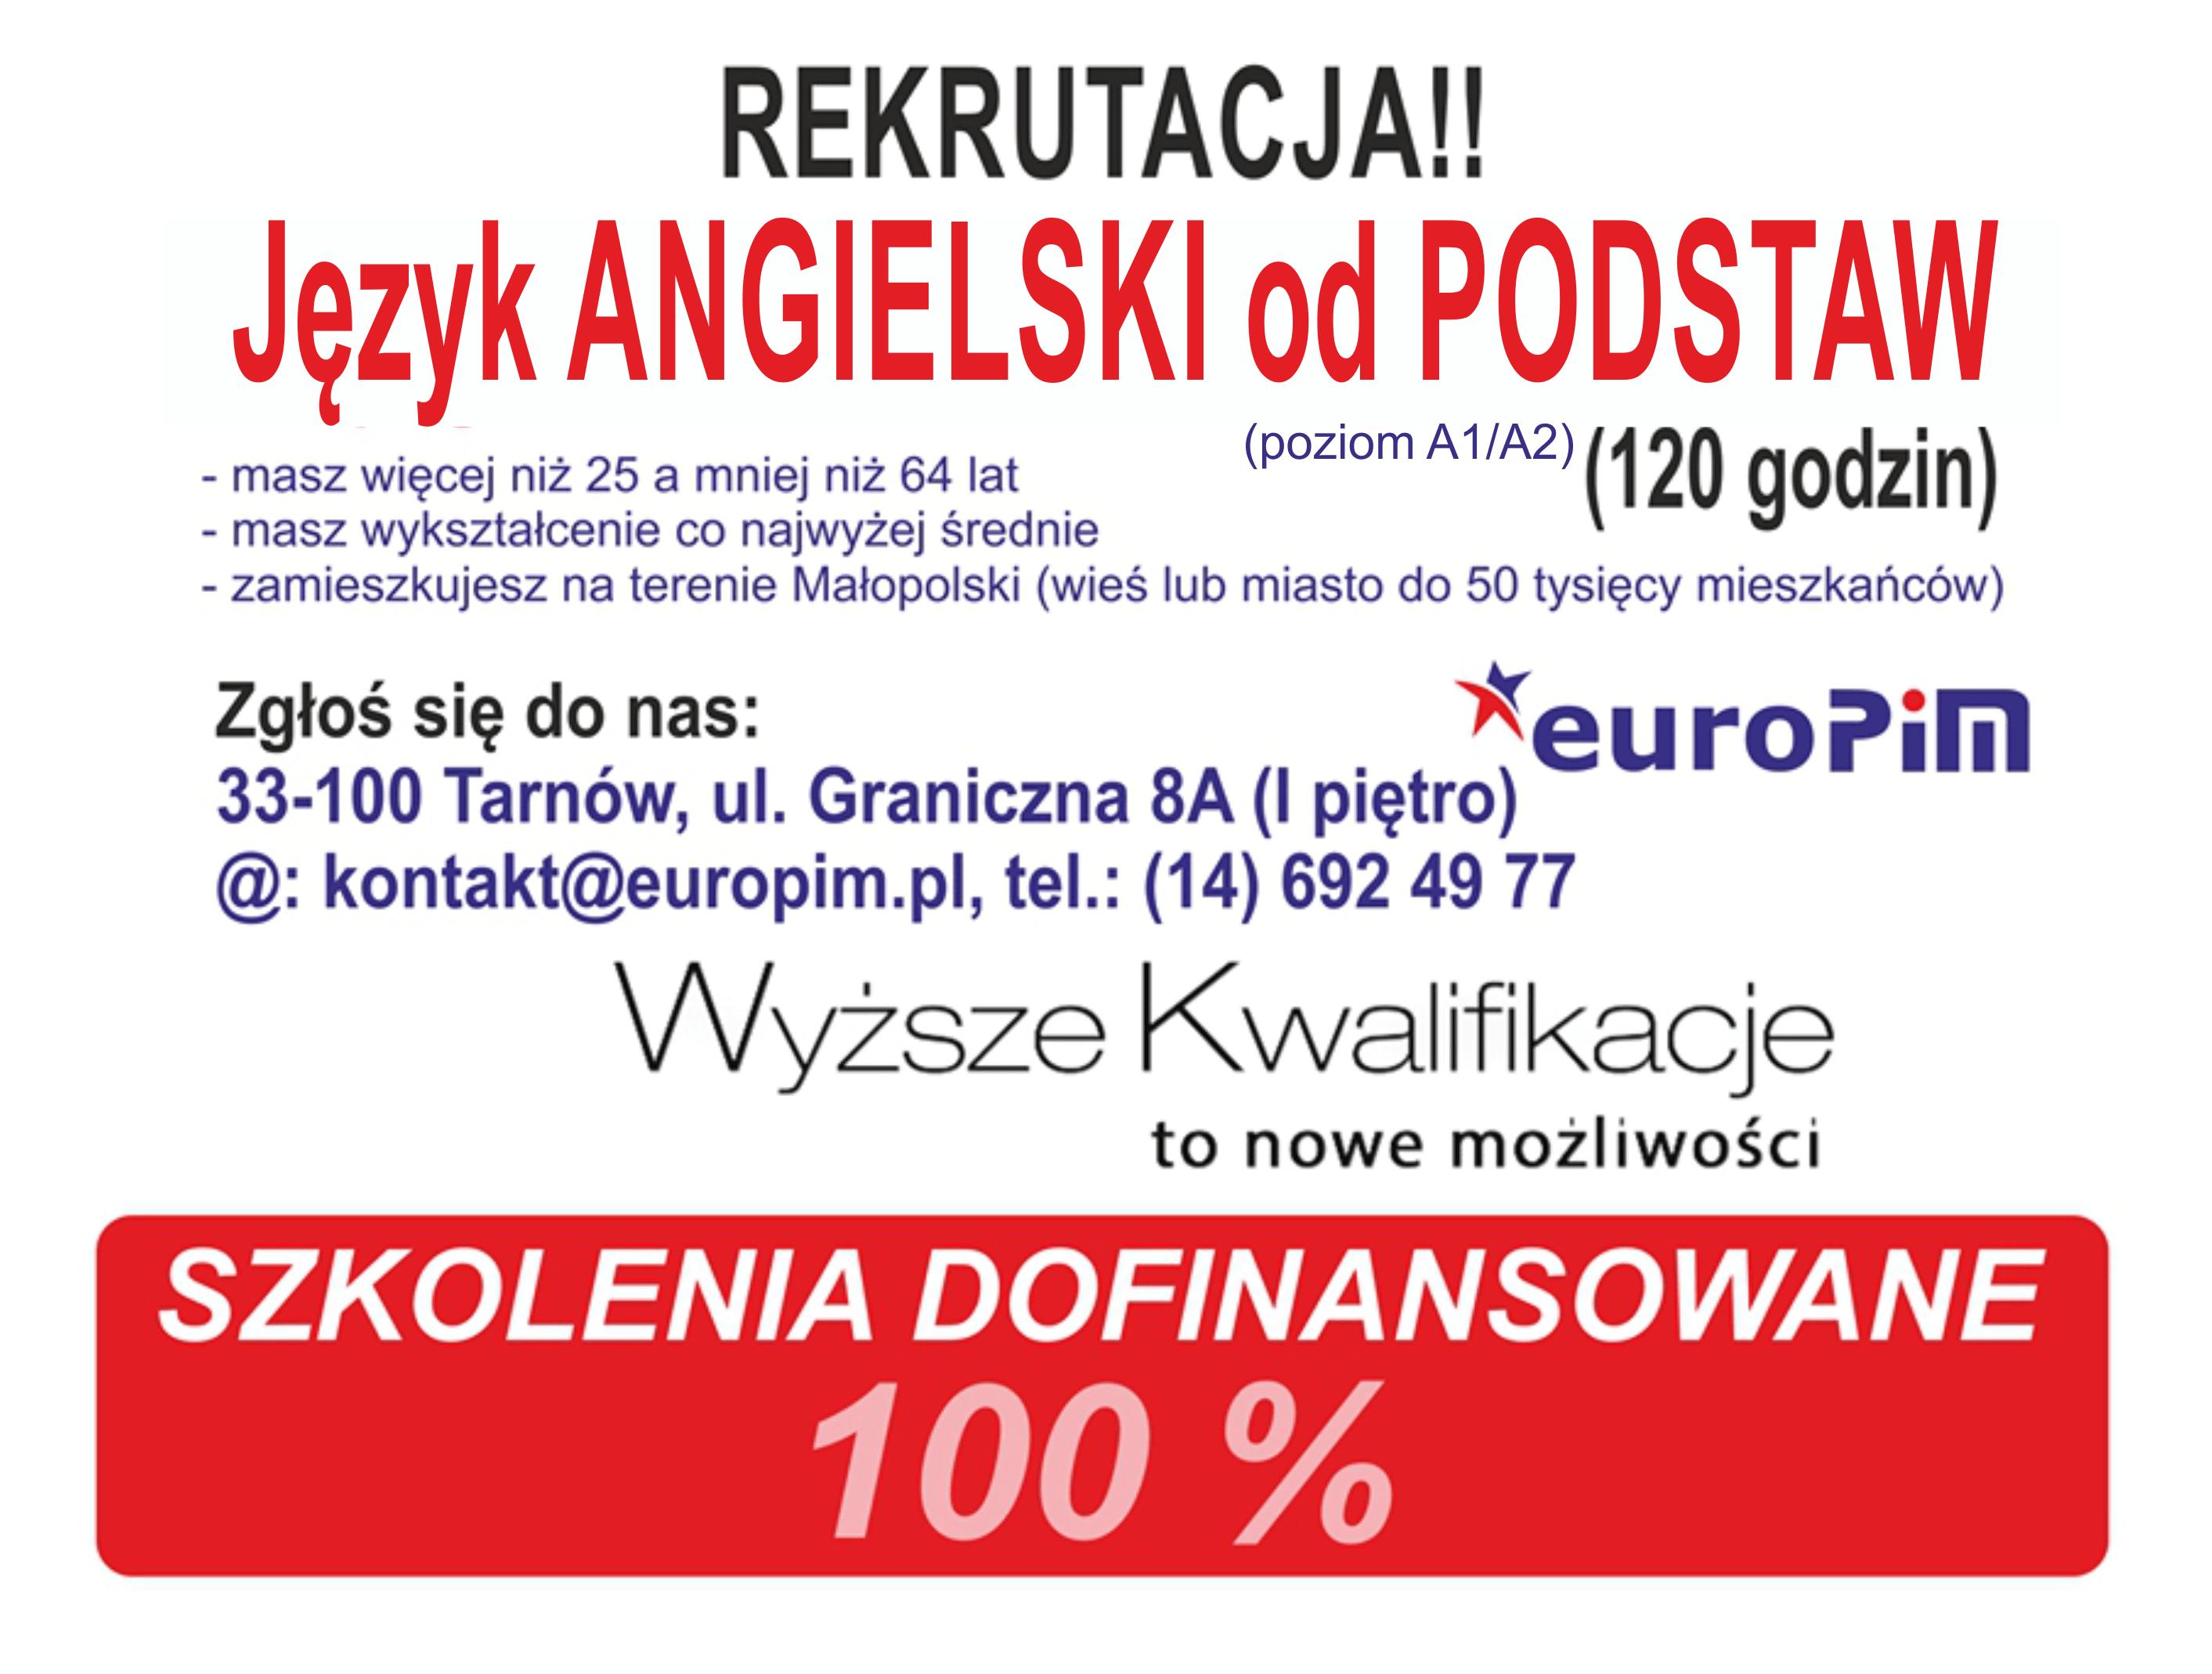 Język angielski w Tarnowie ZA DARMO!!! – rekrutacja trwa!